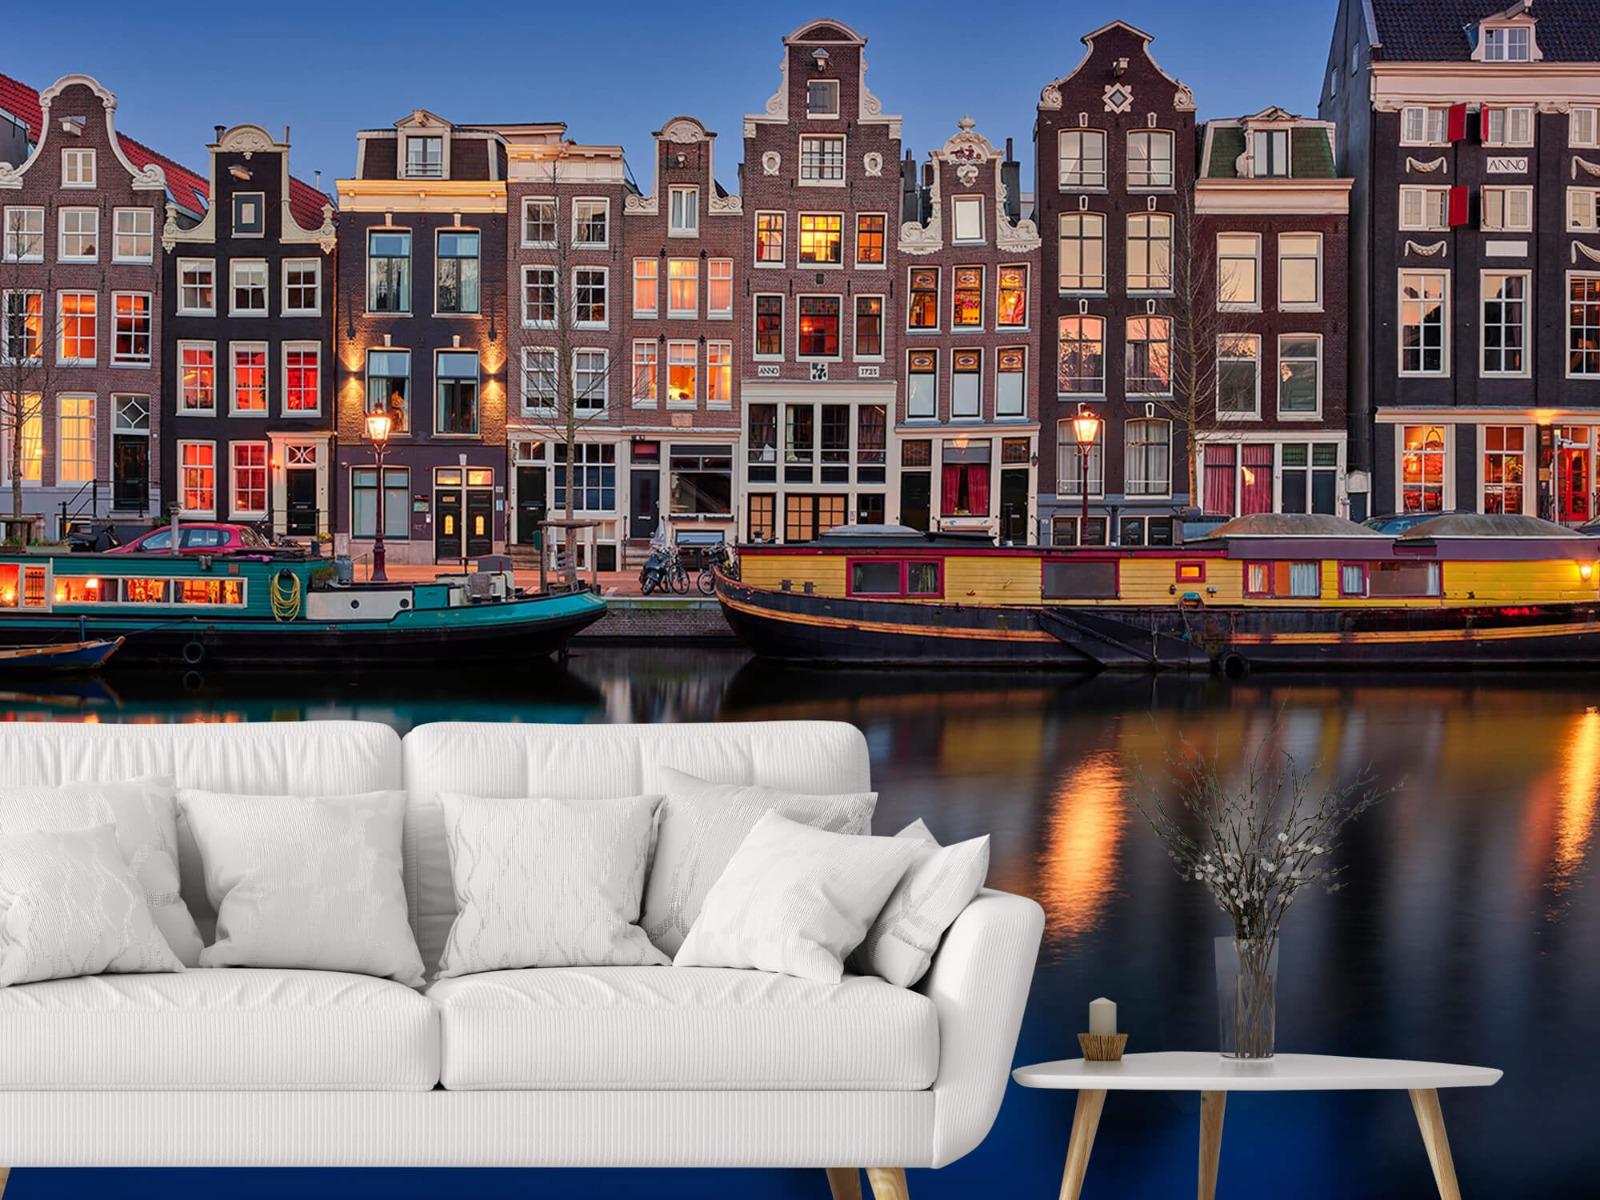 Architectuur - Grachtenpanden Amsterdam - Tienerkamer 3